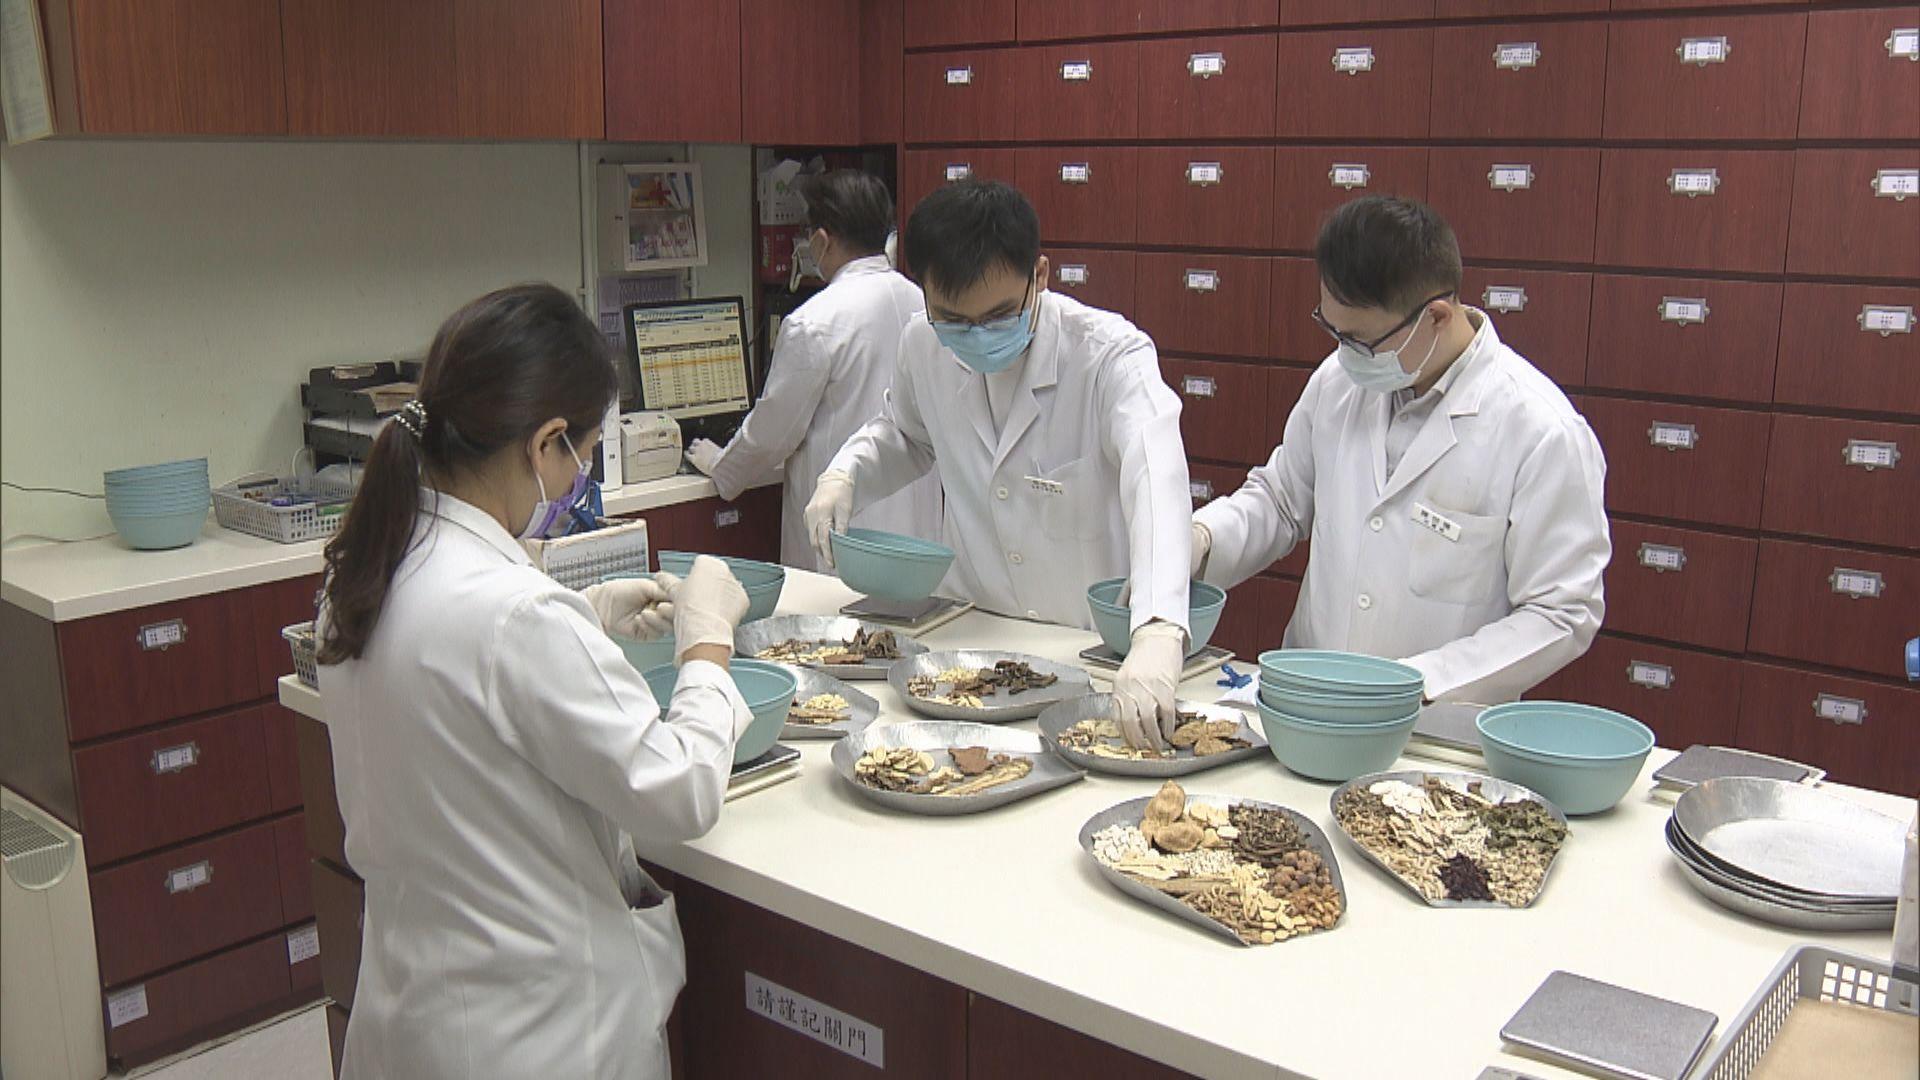 中醫診所為新冠病毒康復者繼續提供治療